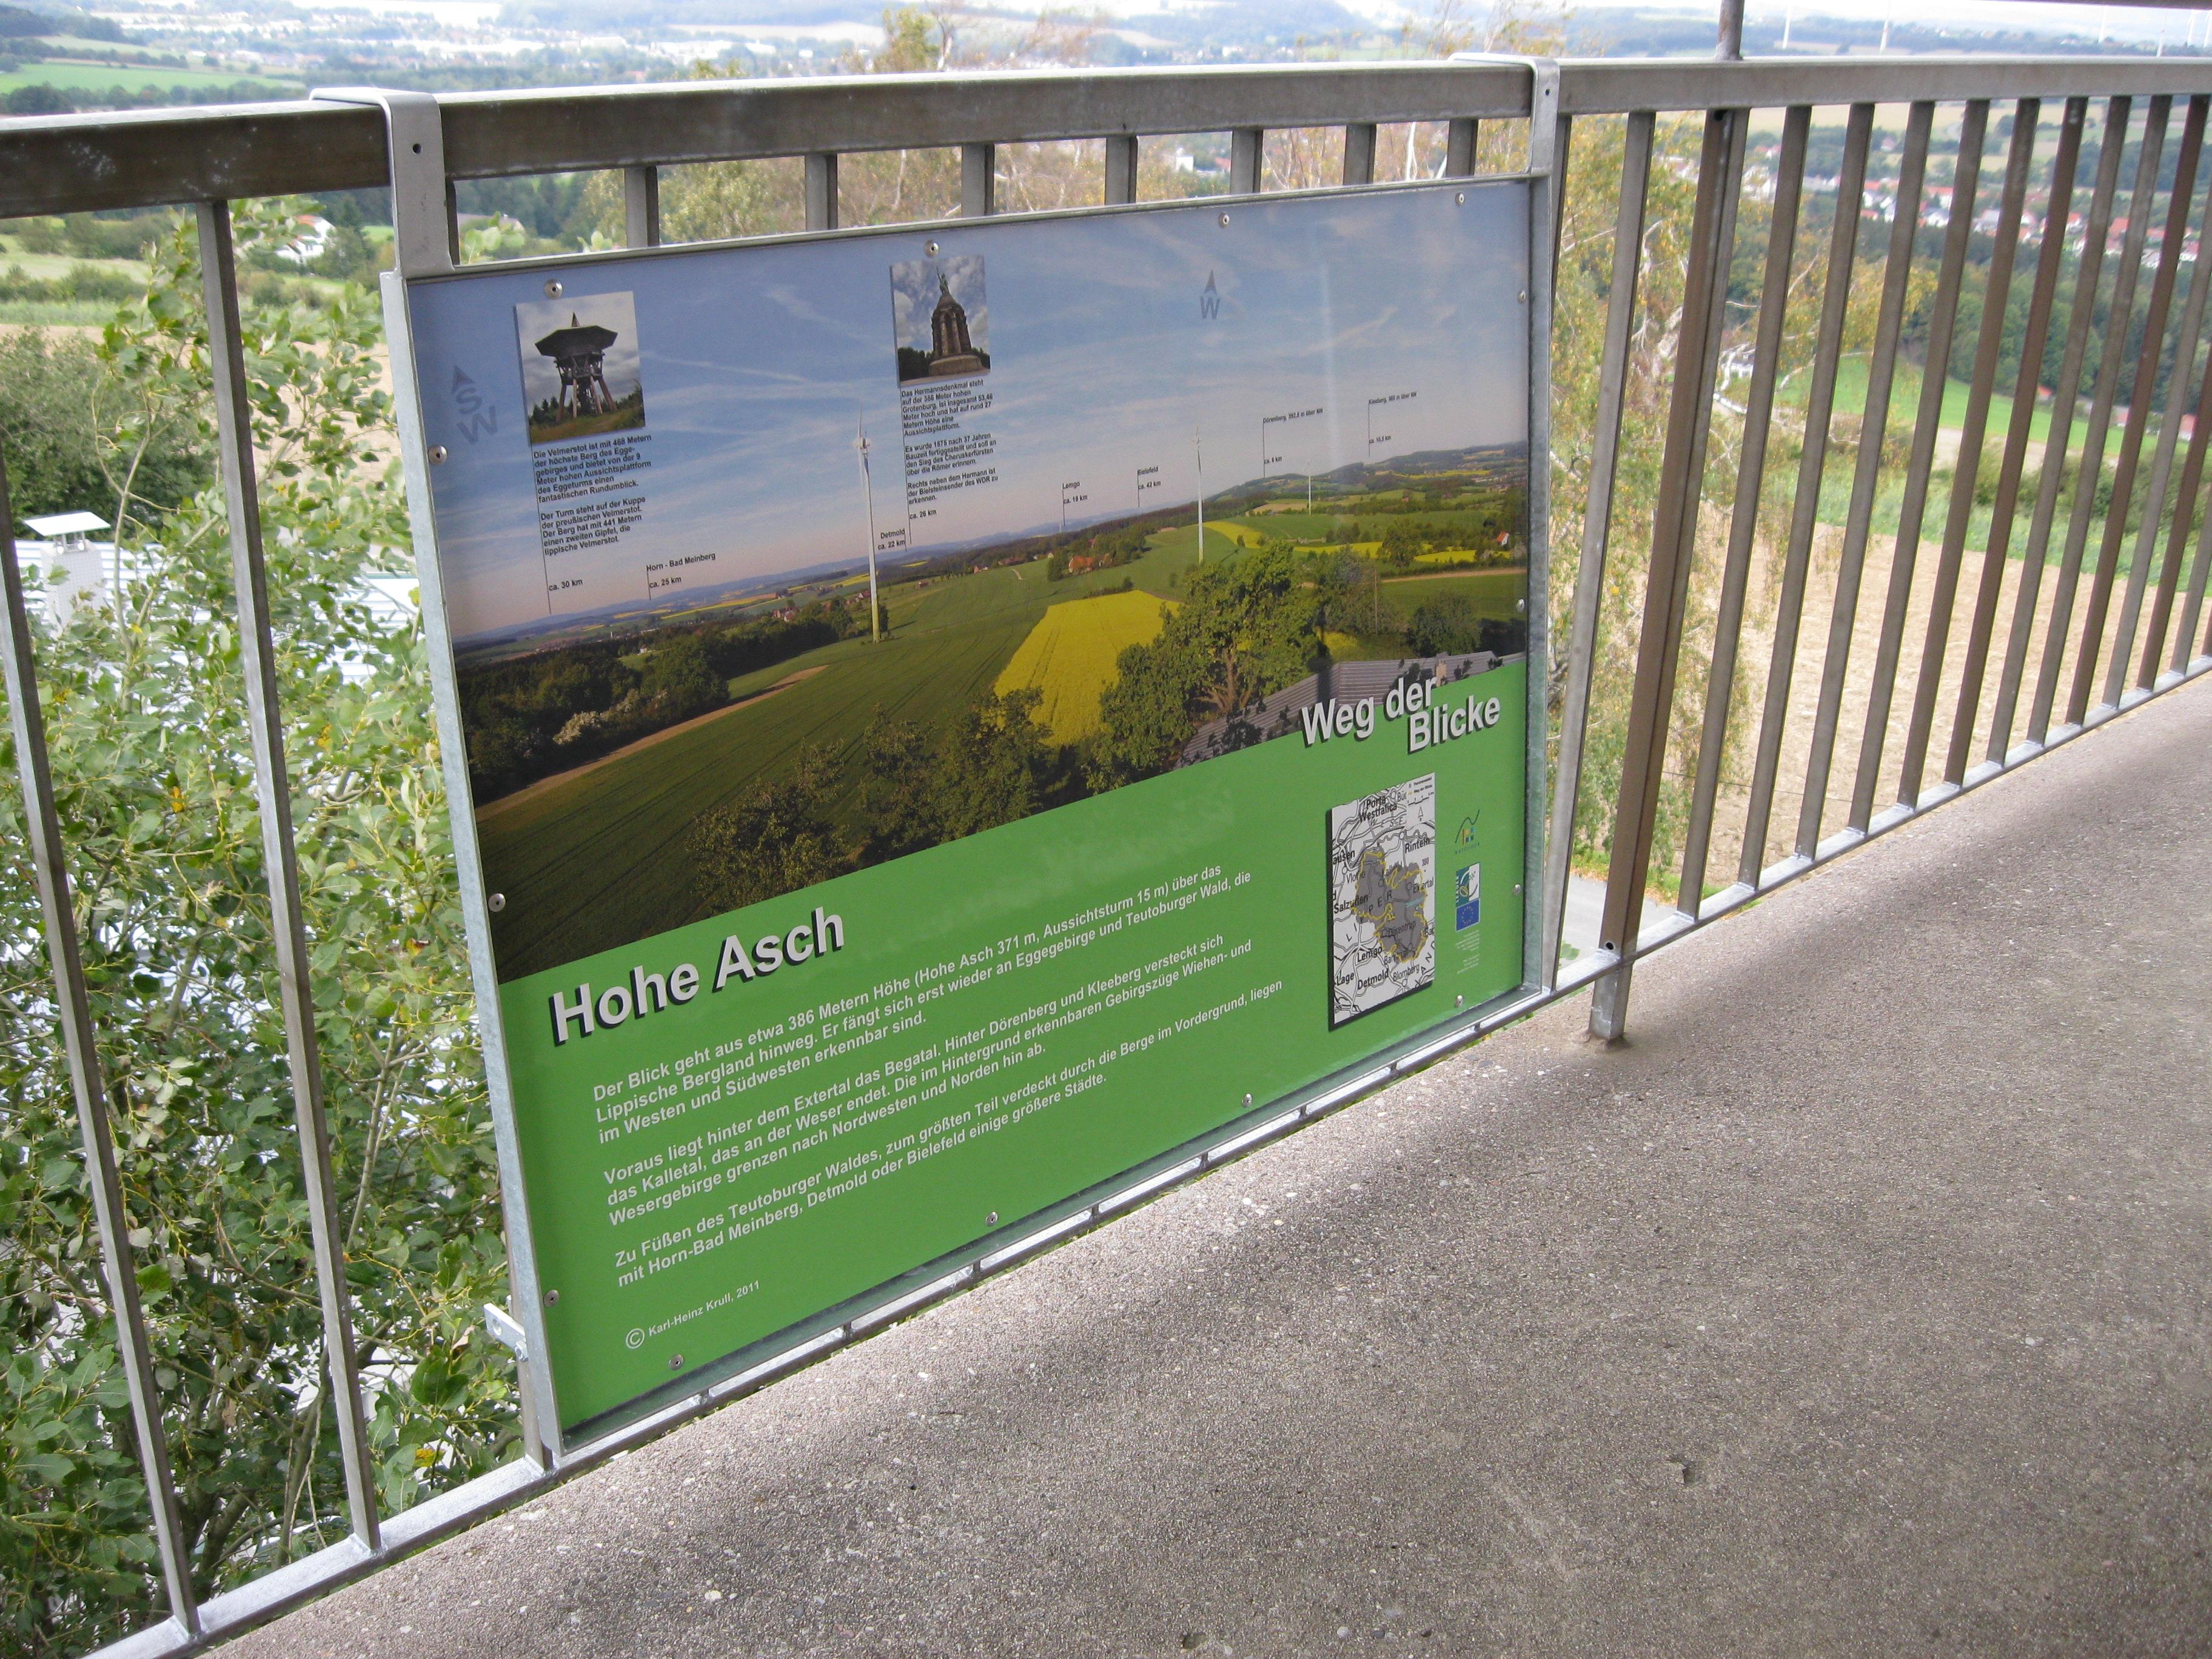 Panoramatafel auf der Aussichtsplattform